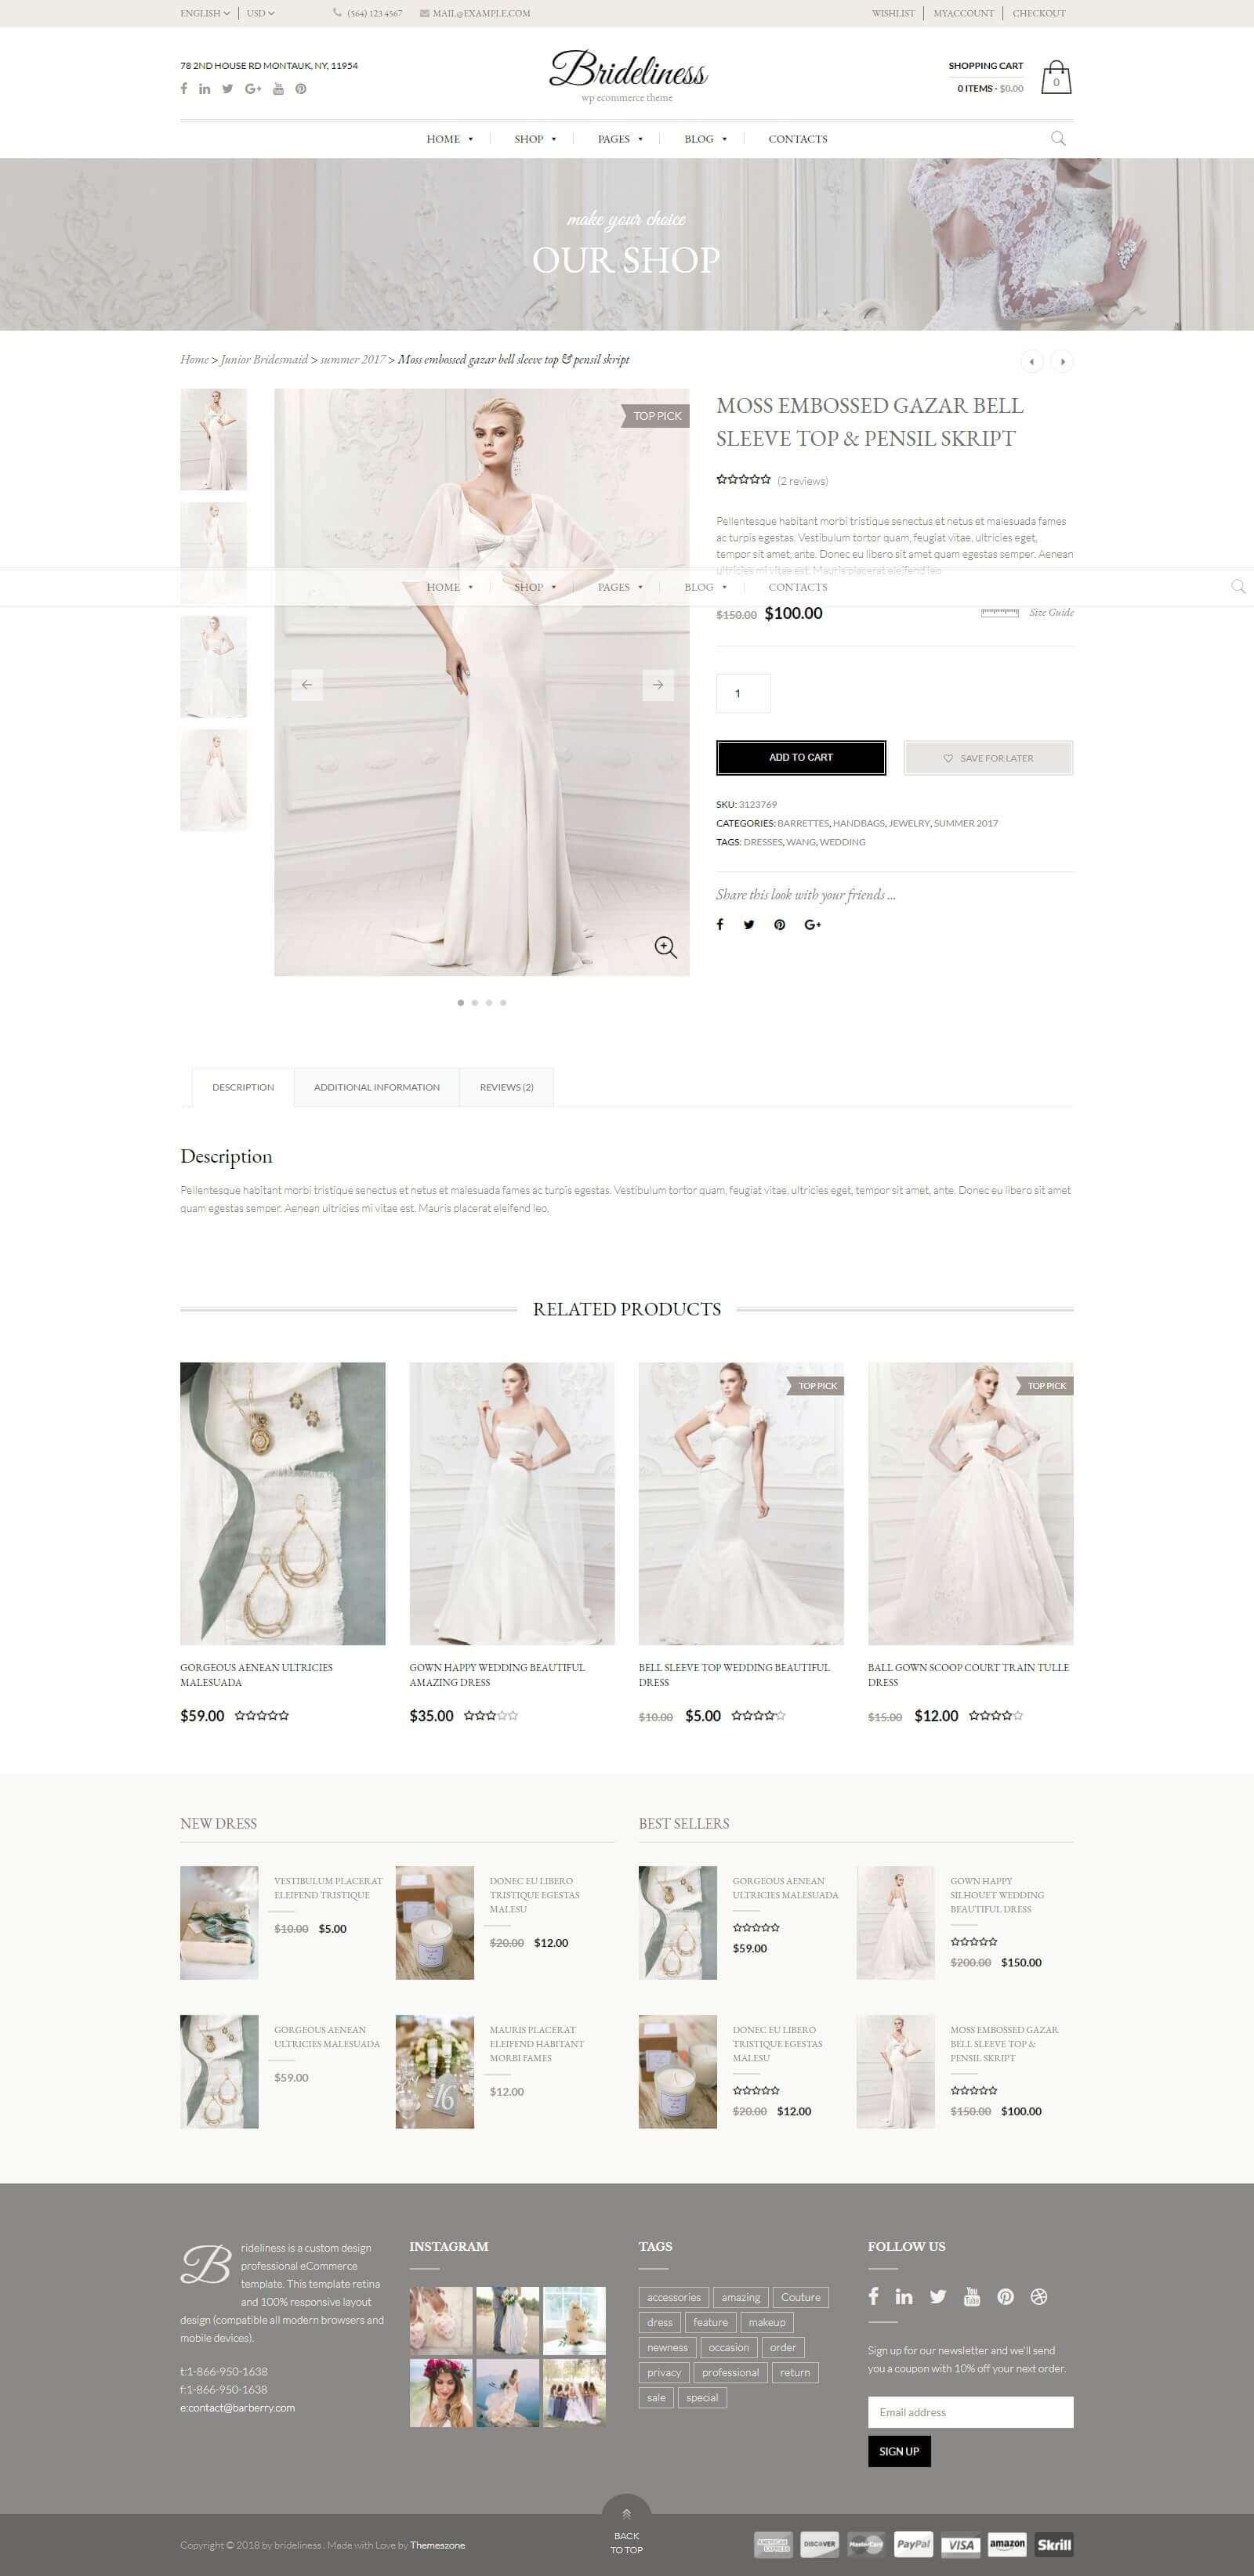 Menu sản phẩm, dịch vụ của mẫu website cho thuê áo cưới